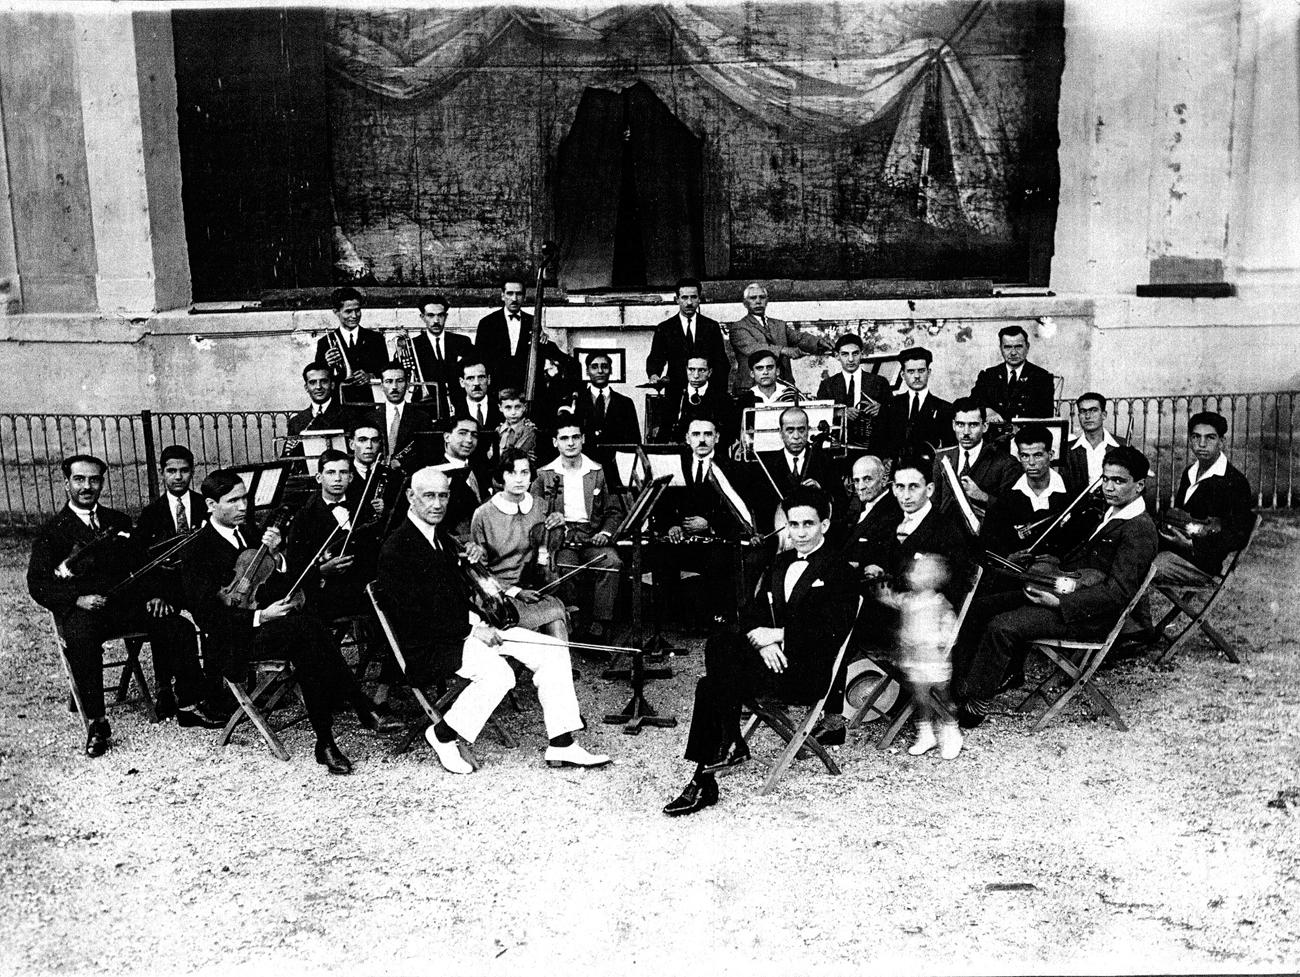 """Αύγουστος 1931: Δοκιμή ορχήστρας για το ανέβασμα της όπερας του Γεράσιμου Ρομποτή """"Η κόρη του φονιά"""". Σε πρώτο πλάνο δεξιά ο συνθέτης."""